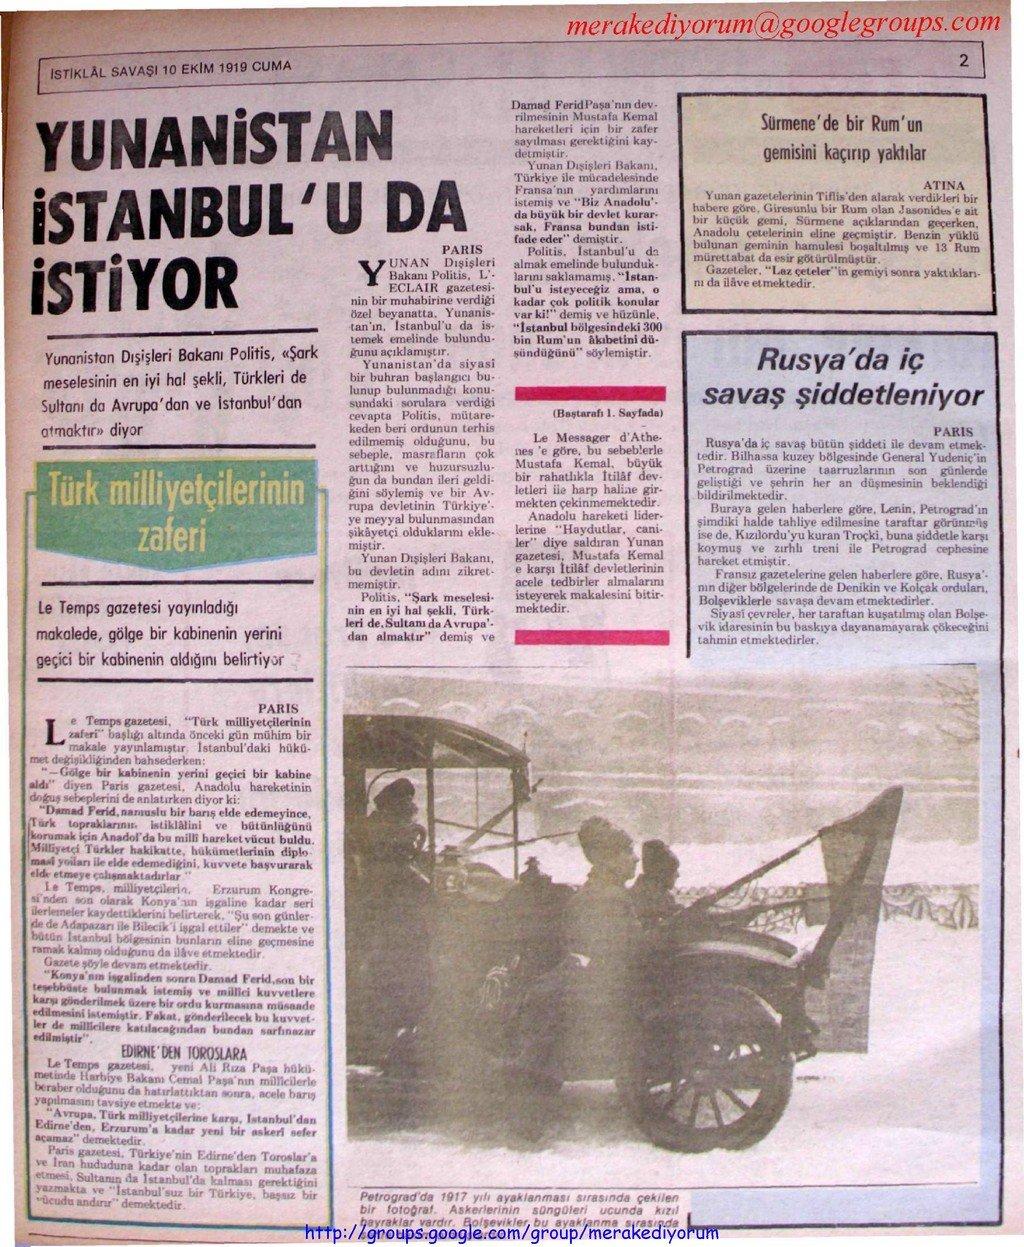 istiklal savaşı gazetesi - 10 ekim 1919